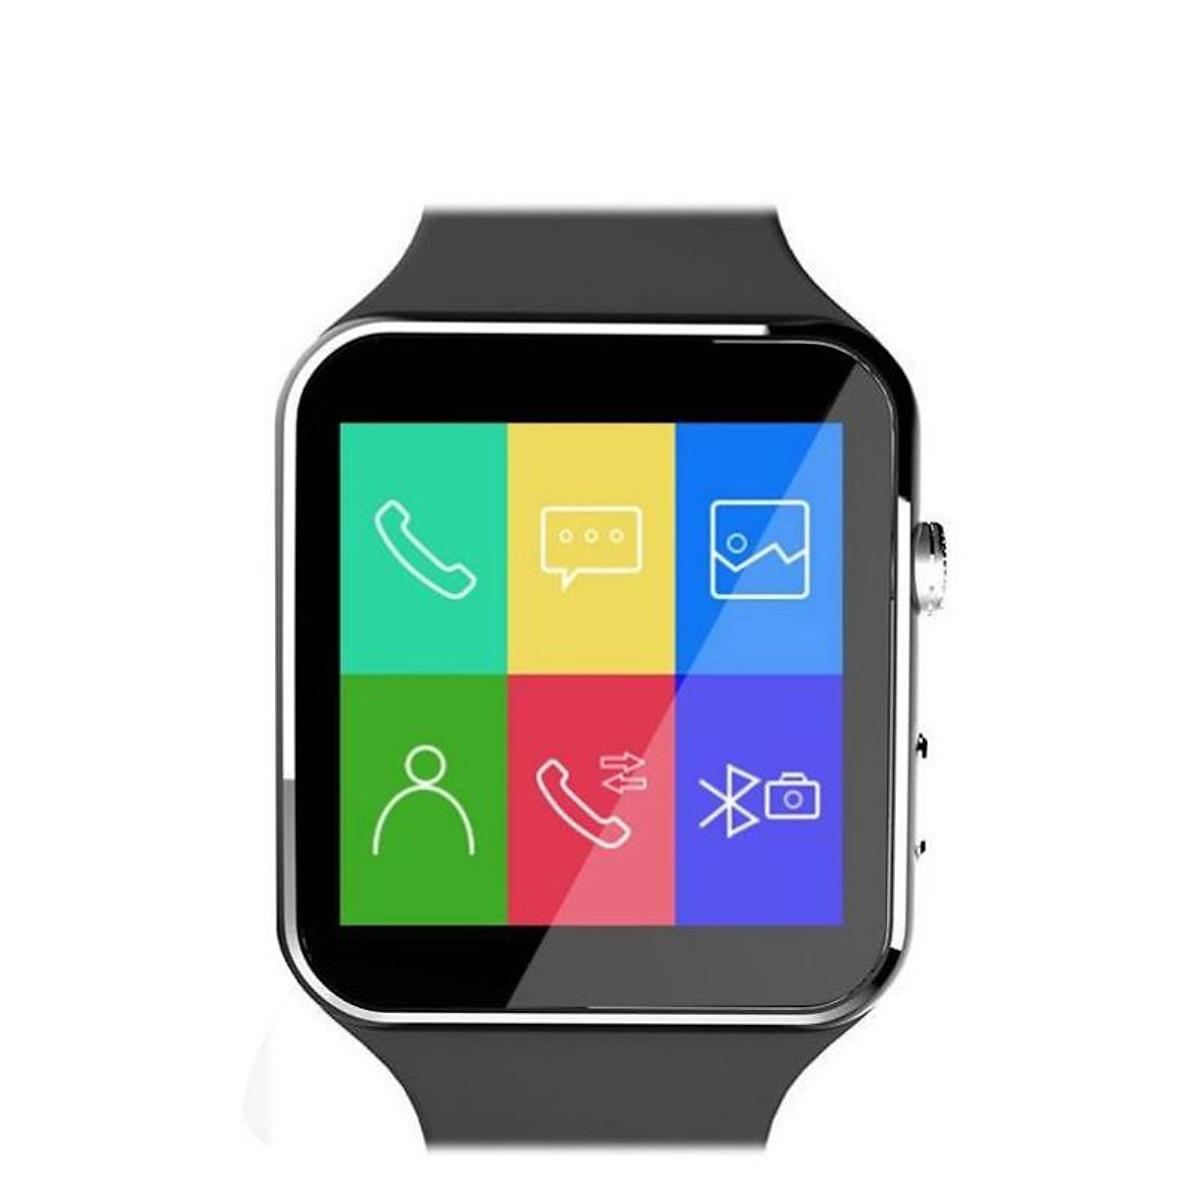 Đồng hồ thông minh cao cấp màn hình cong CX6